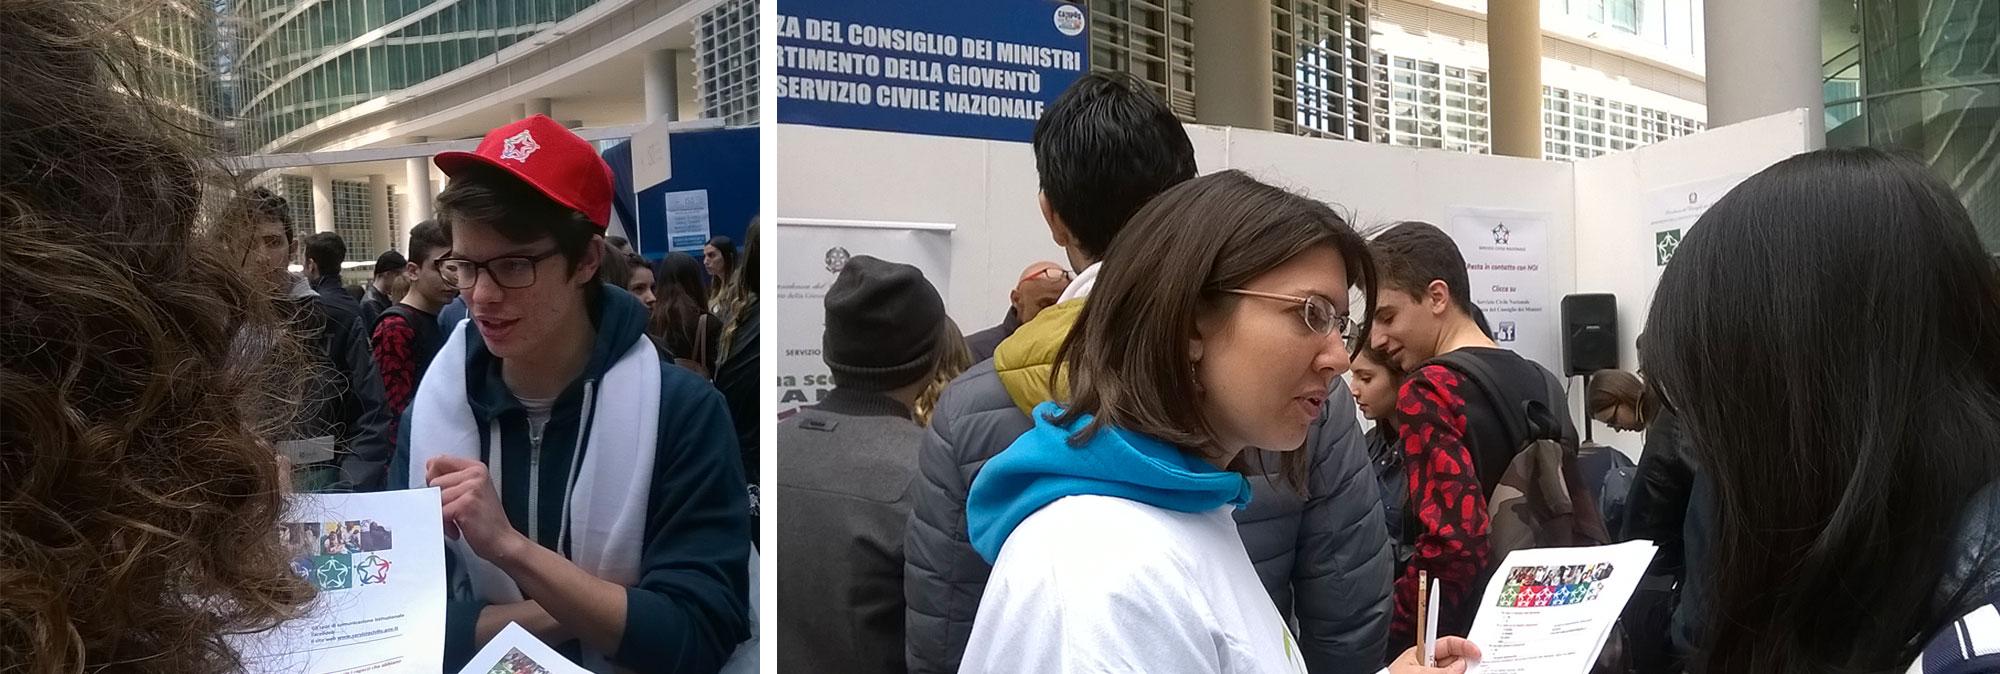 FMA-servizio-civile-milano-bis